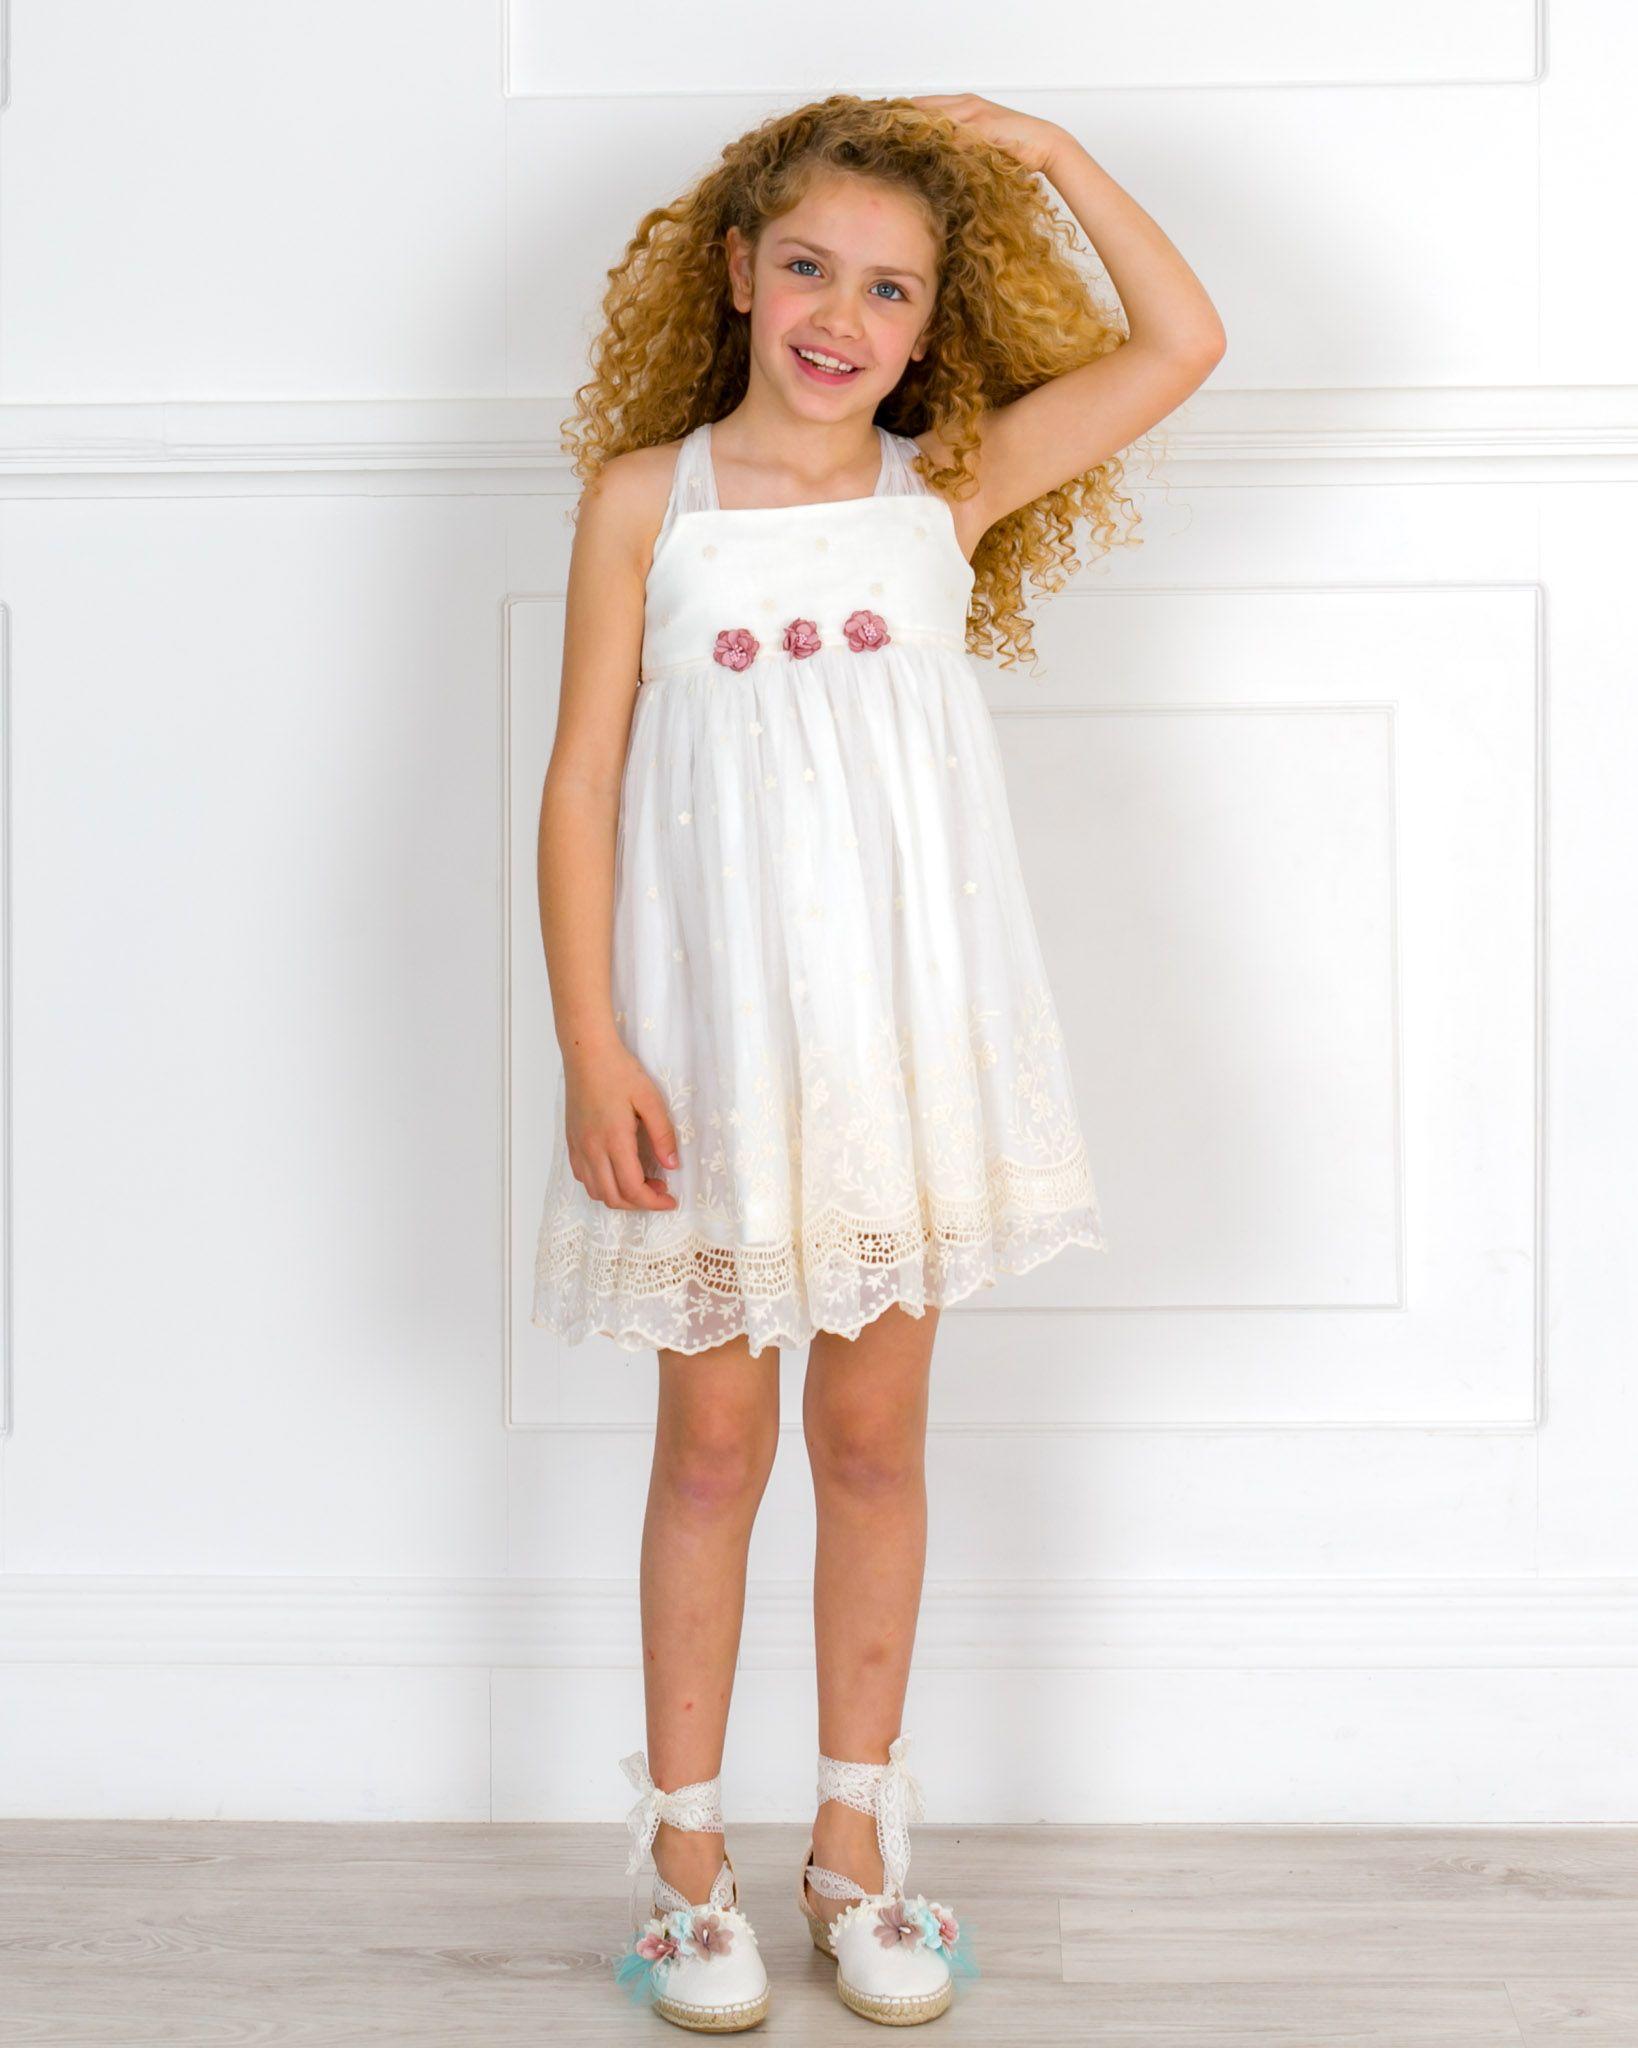 301ca6a2fa Vestido de ceremonia Juliette para niña de la colección arras de corte alto  confeccionado con tul